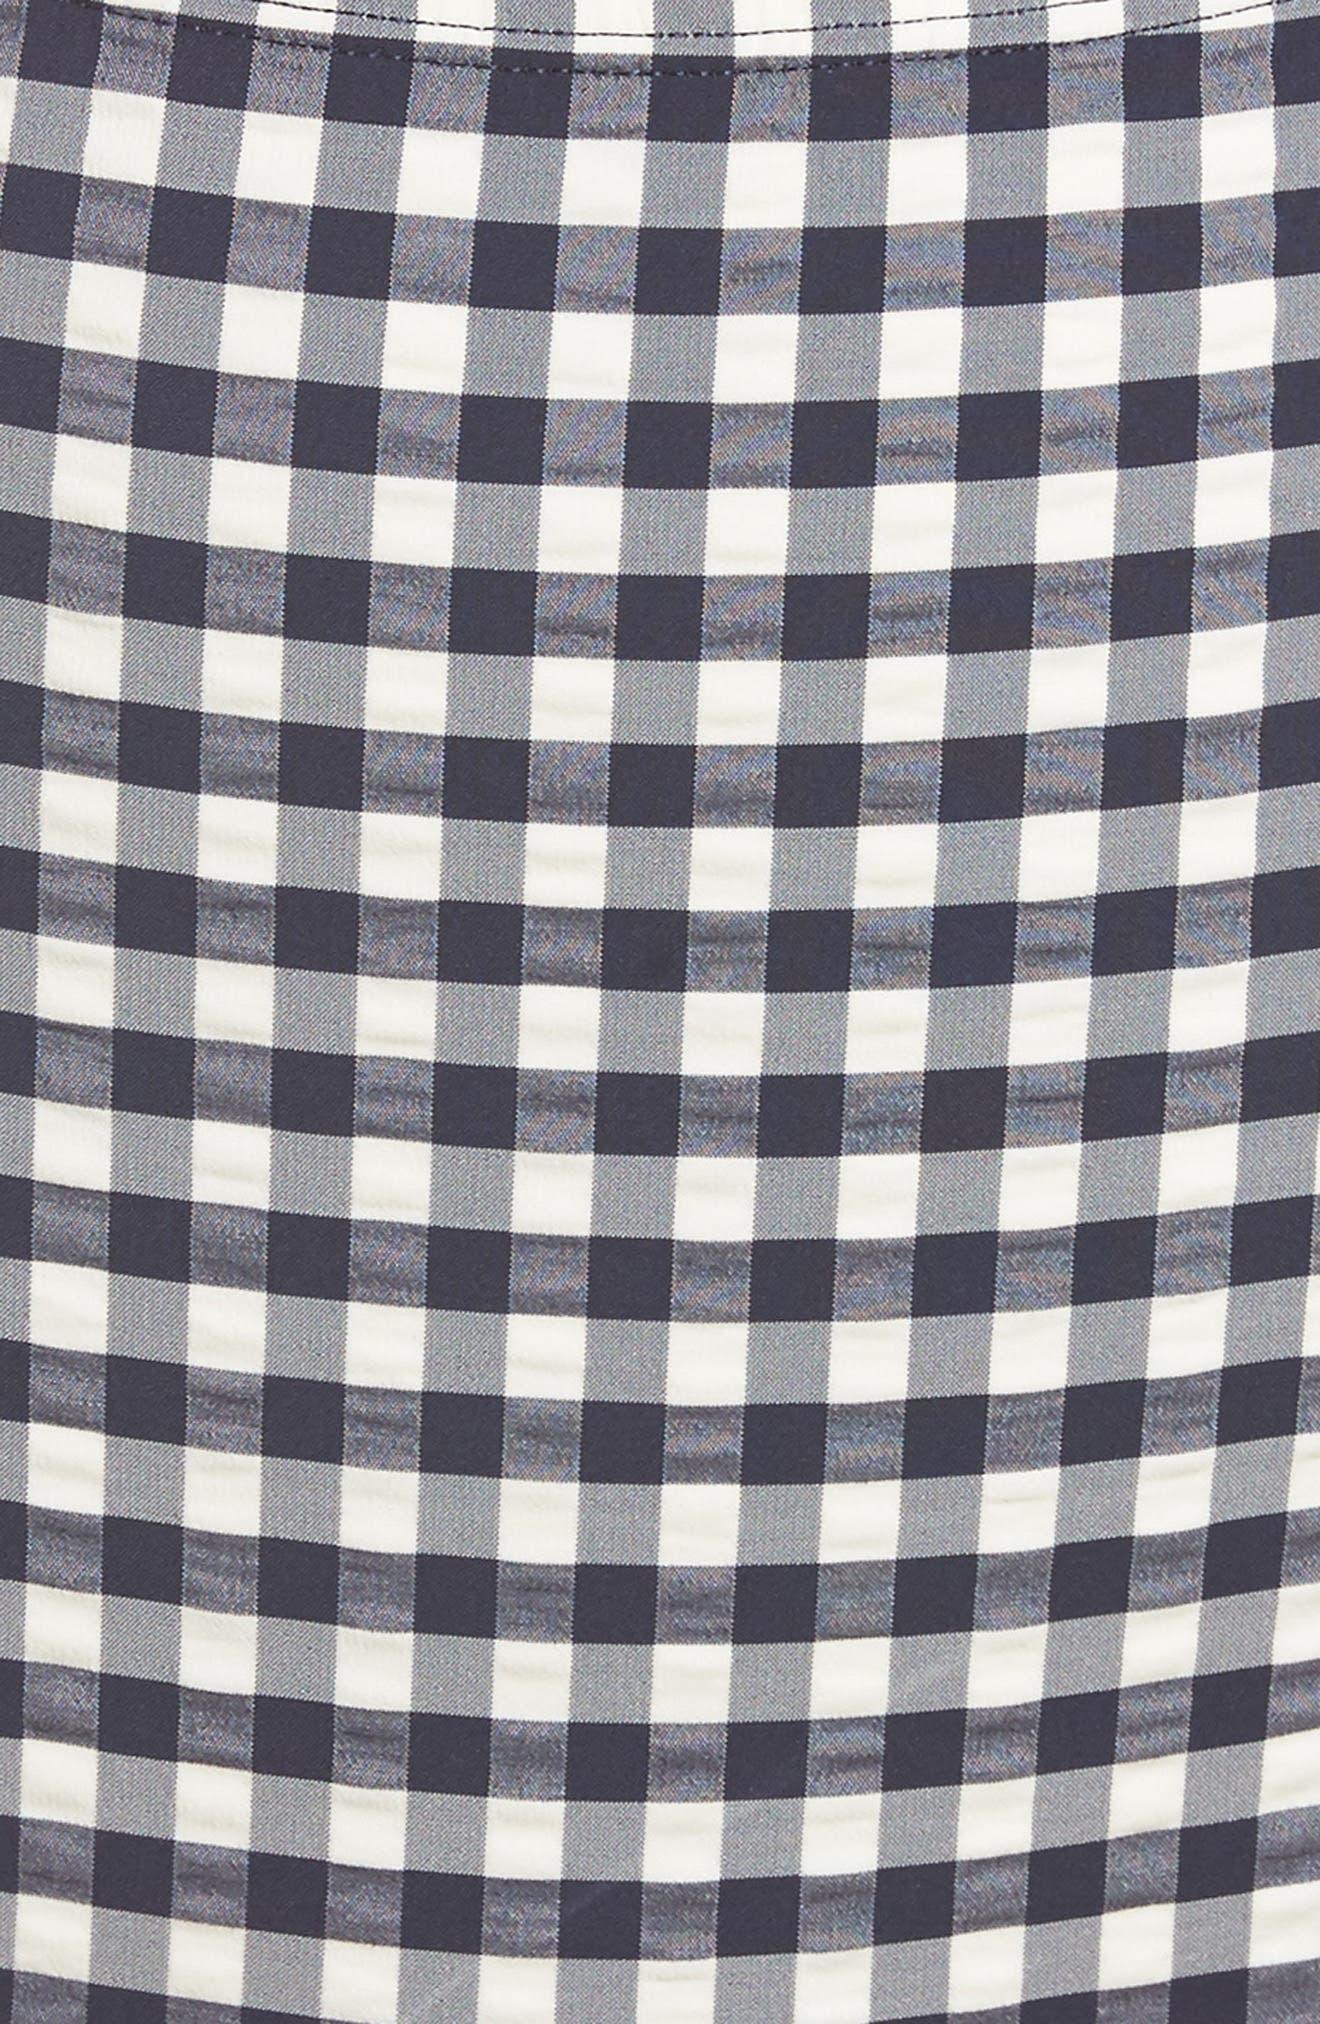 Gingham High Waist Bikini Bottoms,                             Alternate thumbnail 8, color,                             Tory Navy / White